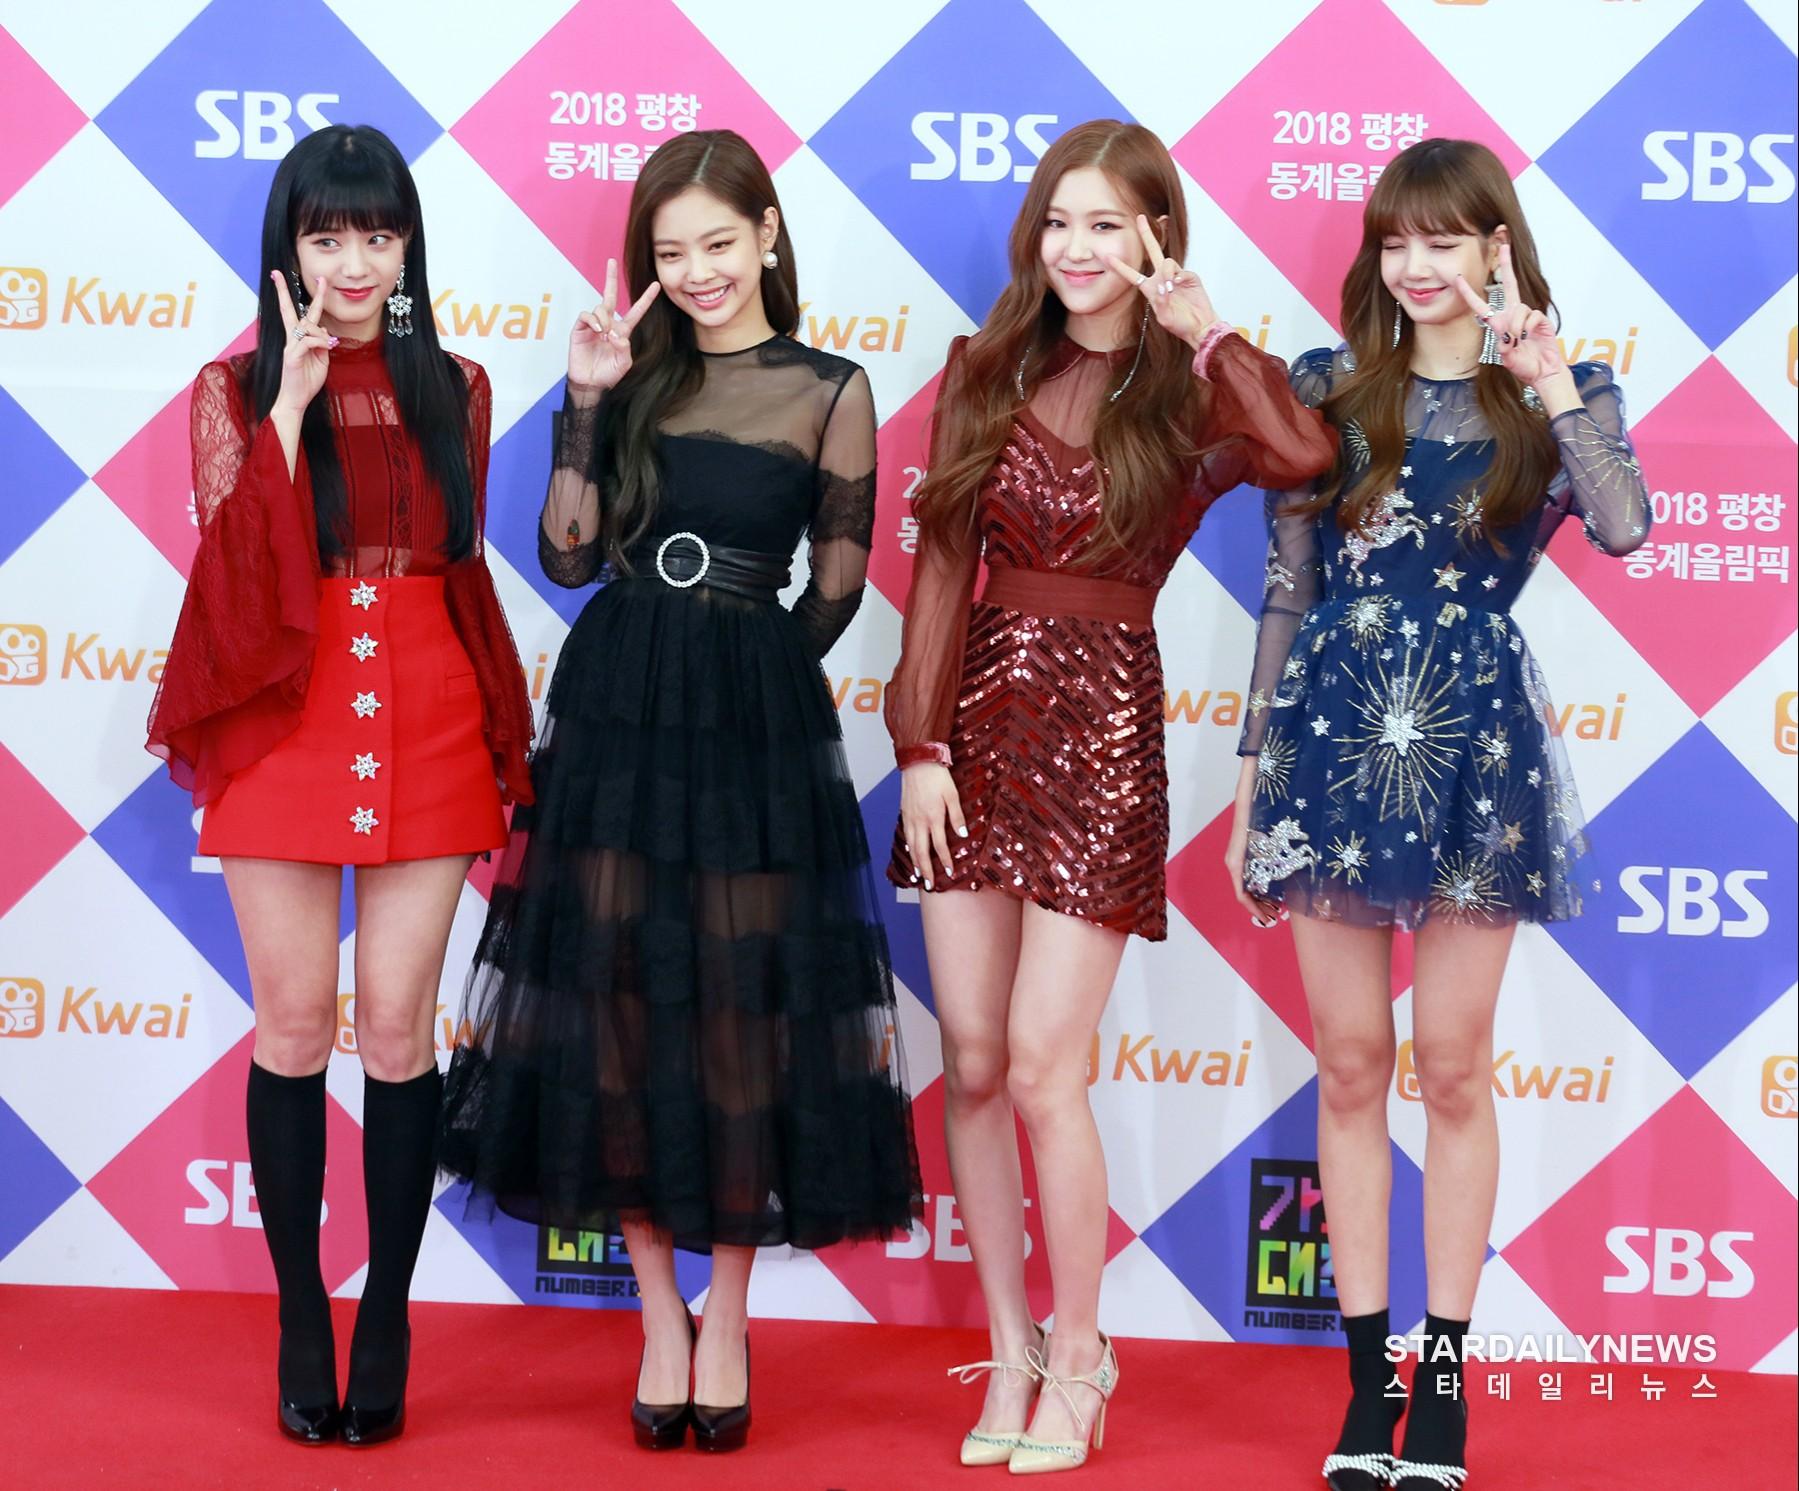 """Cho rằng Jennie luôn được mặc đồ nổi nhất nhóm, fan Black Pink lại tiếp tục """"khẩu chiến"""" tơi bời - Ảnh 12."""